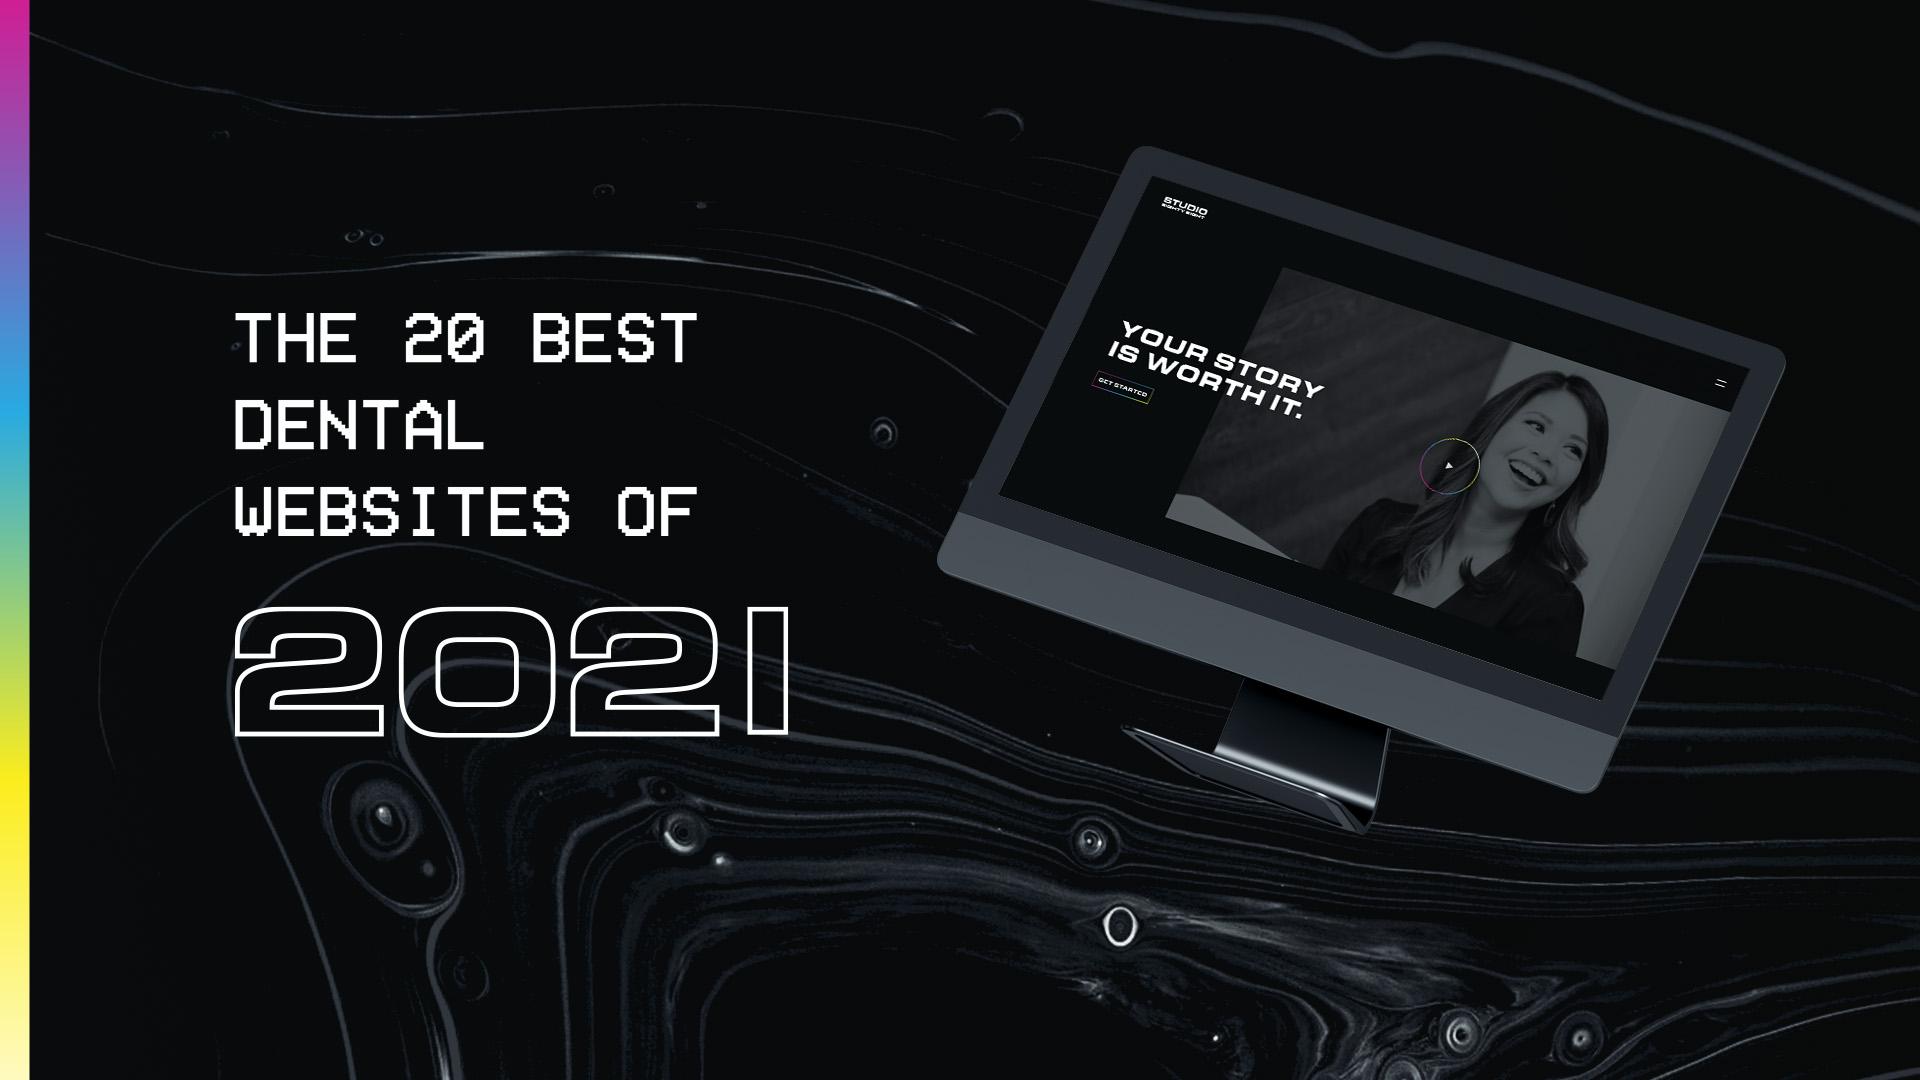 The 20 Best Dental Websites of 2021